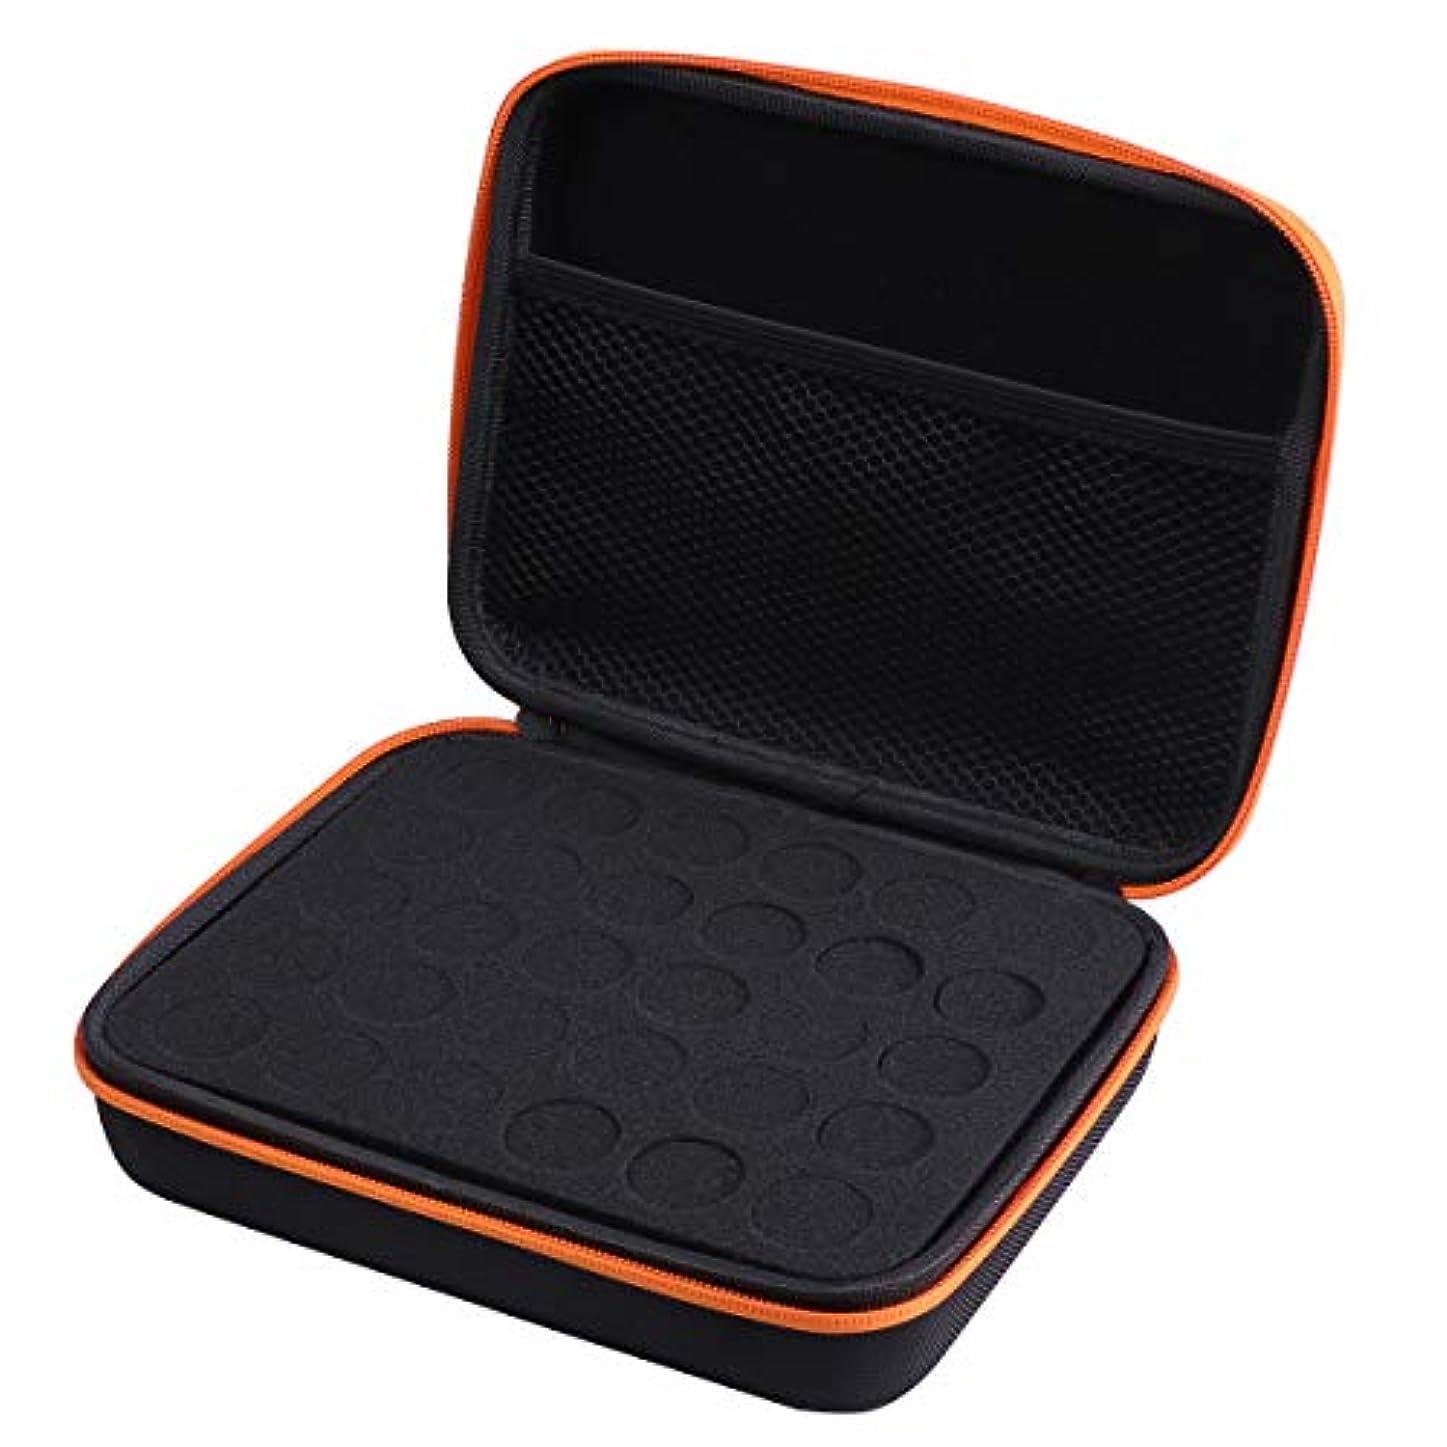 対応する銀願うFrcolor エッセンシャルオイル ケース 携帯用 アロマポーチ アロマケース メイクポーチ 精油ケース 30本用(オレンジ)